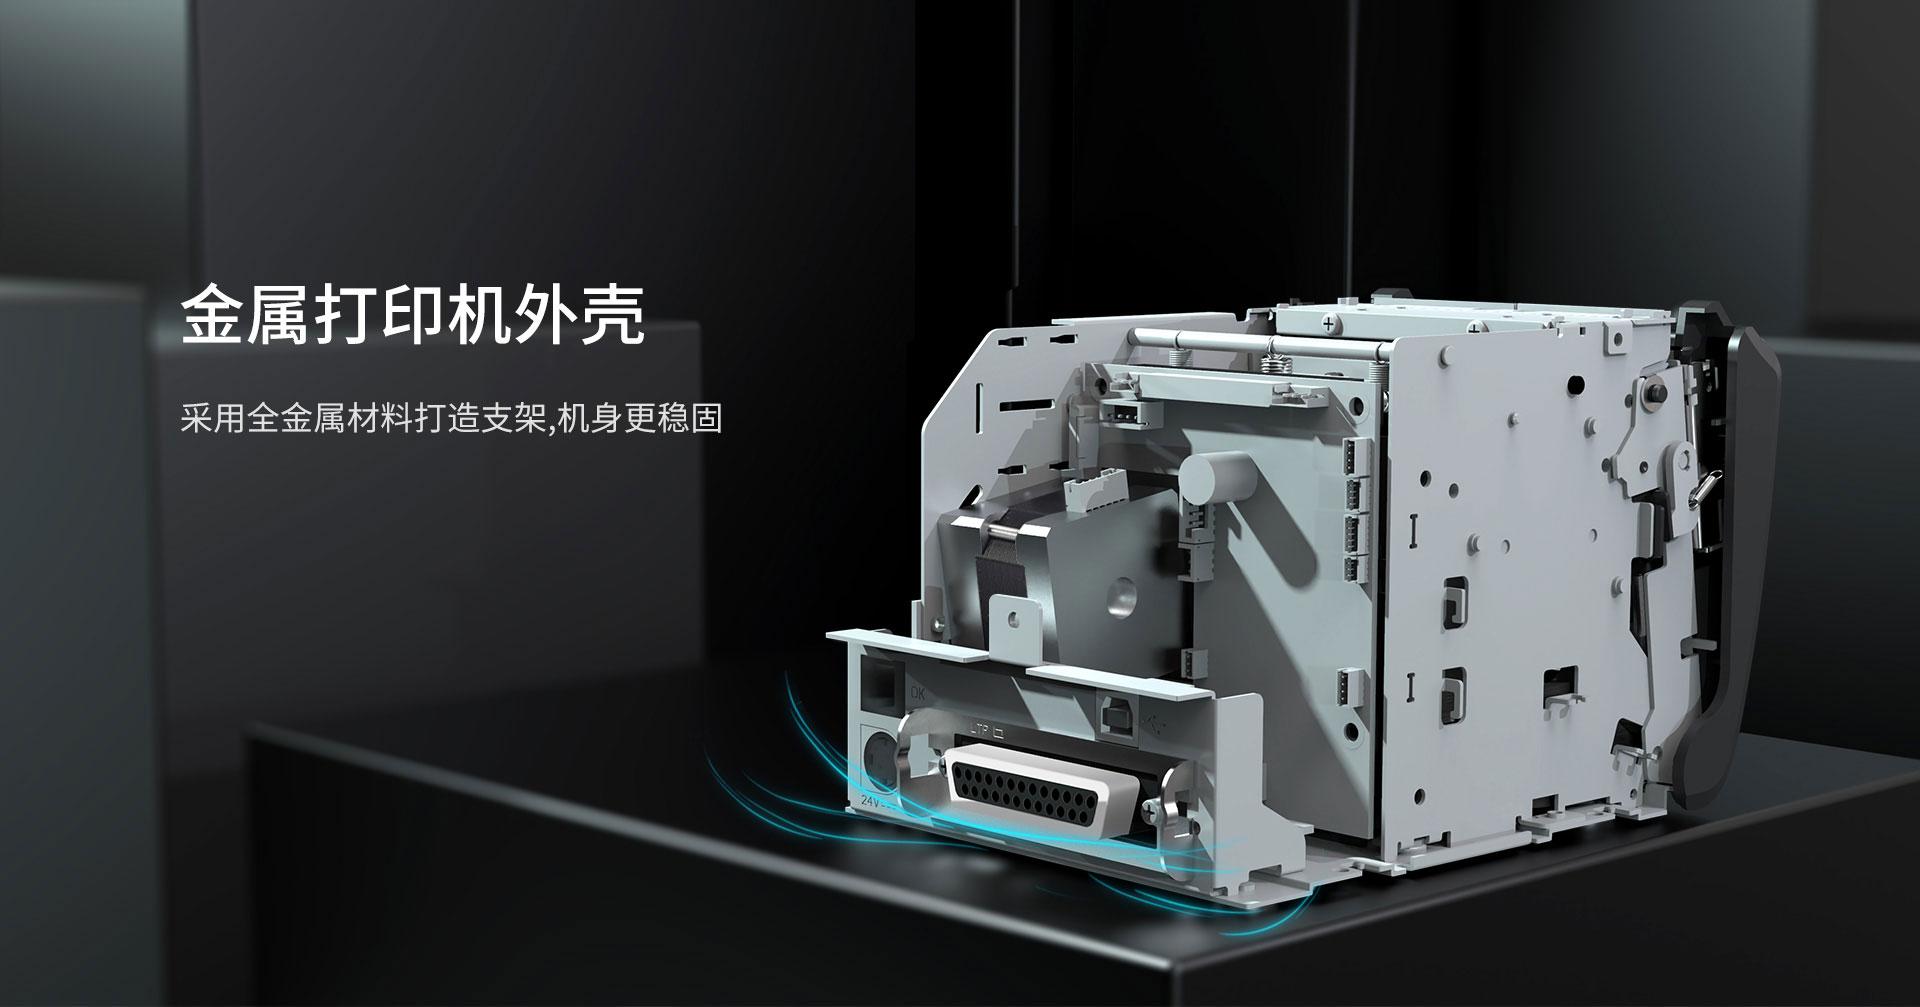 TP801热敏票据打印机  第4张